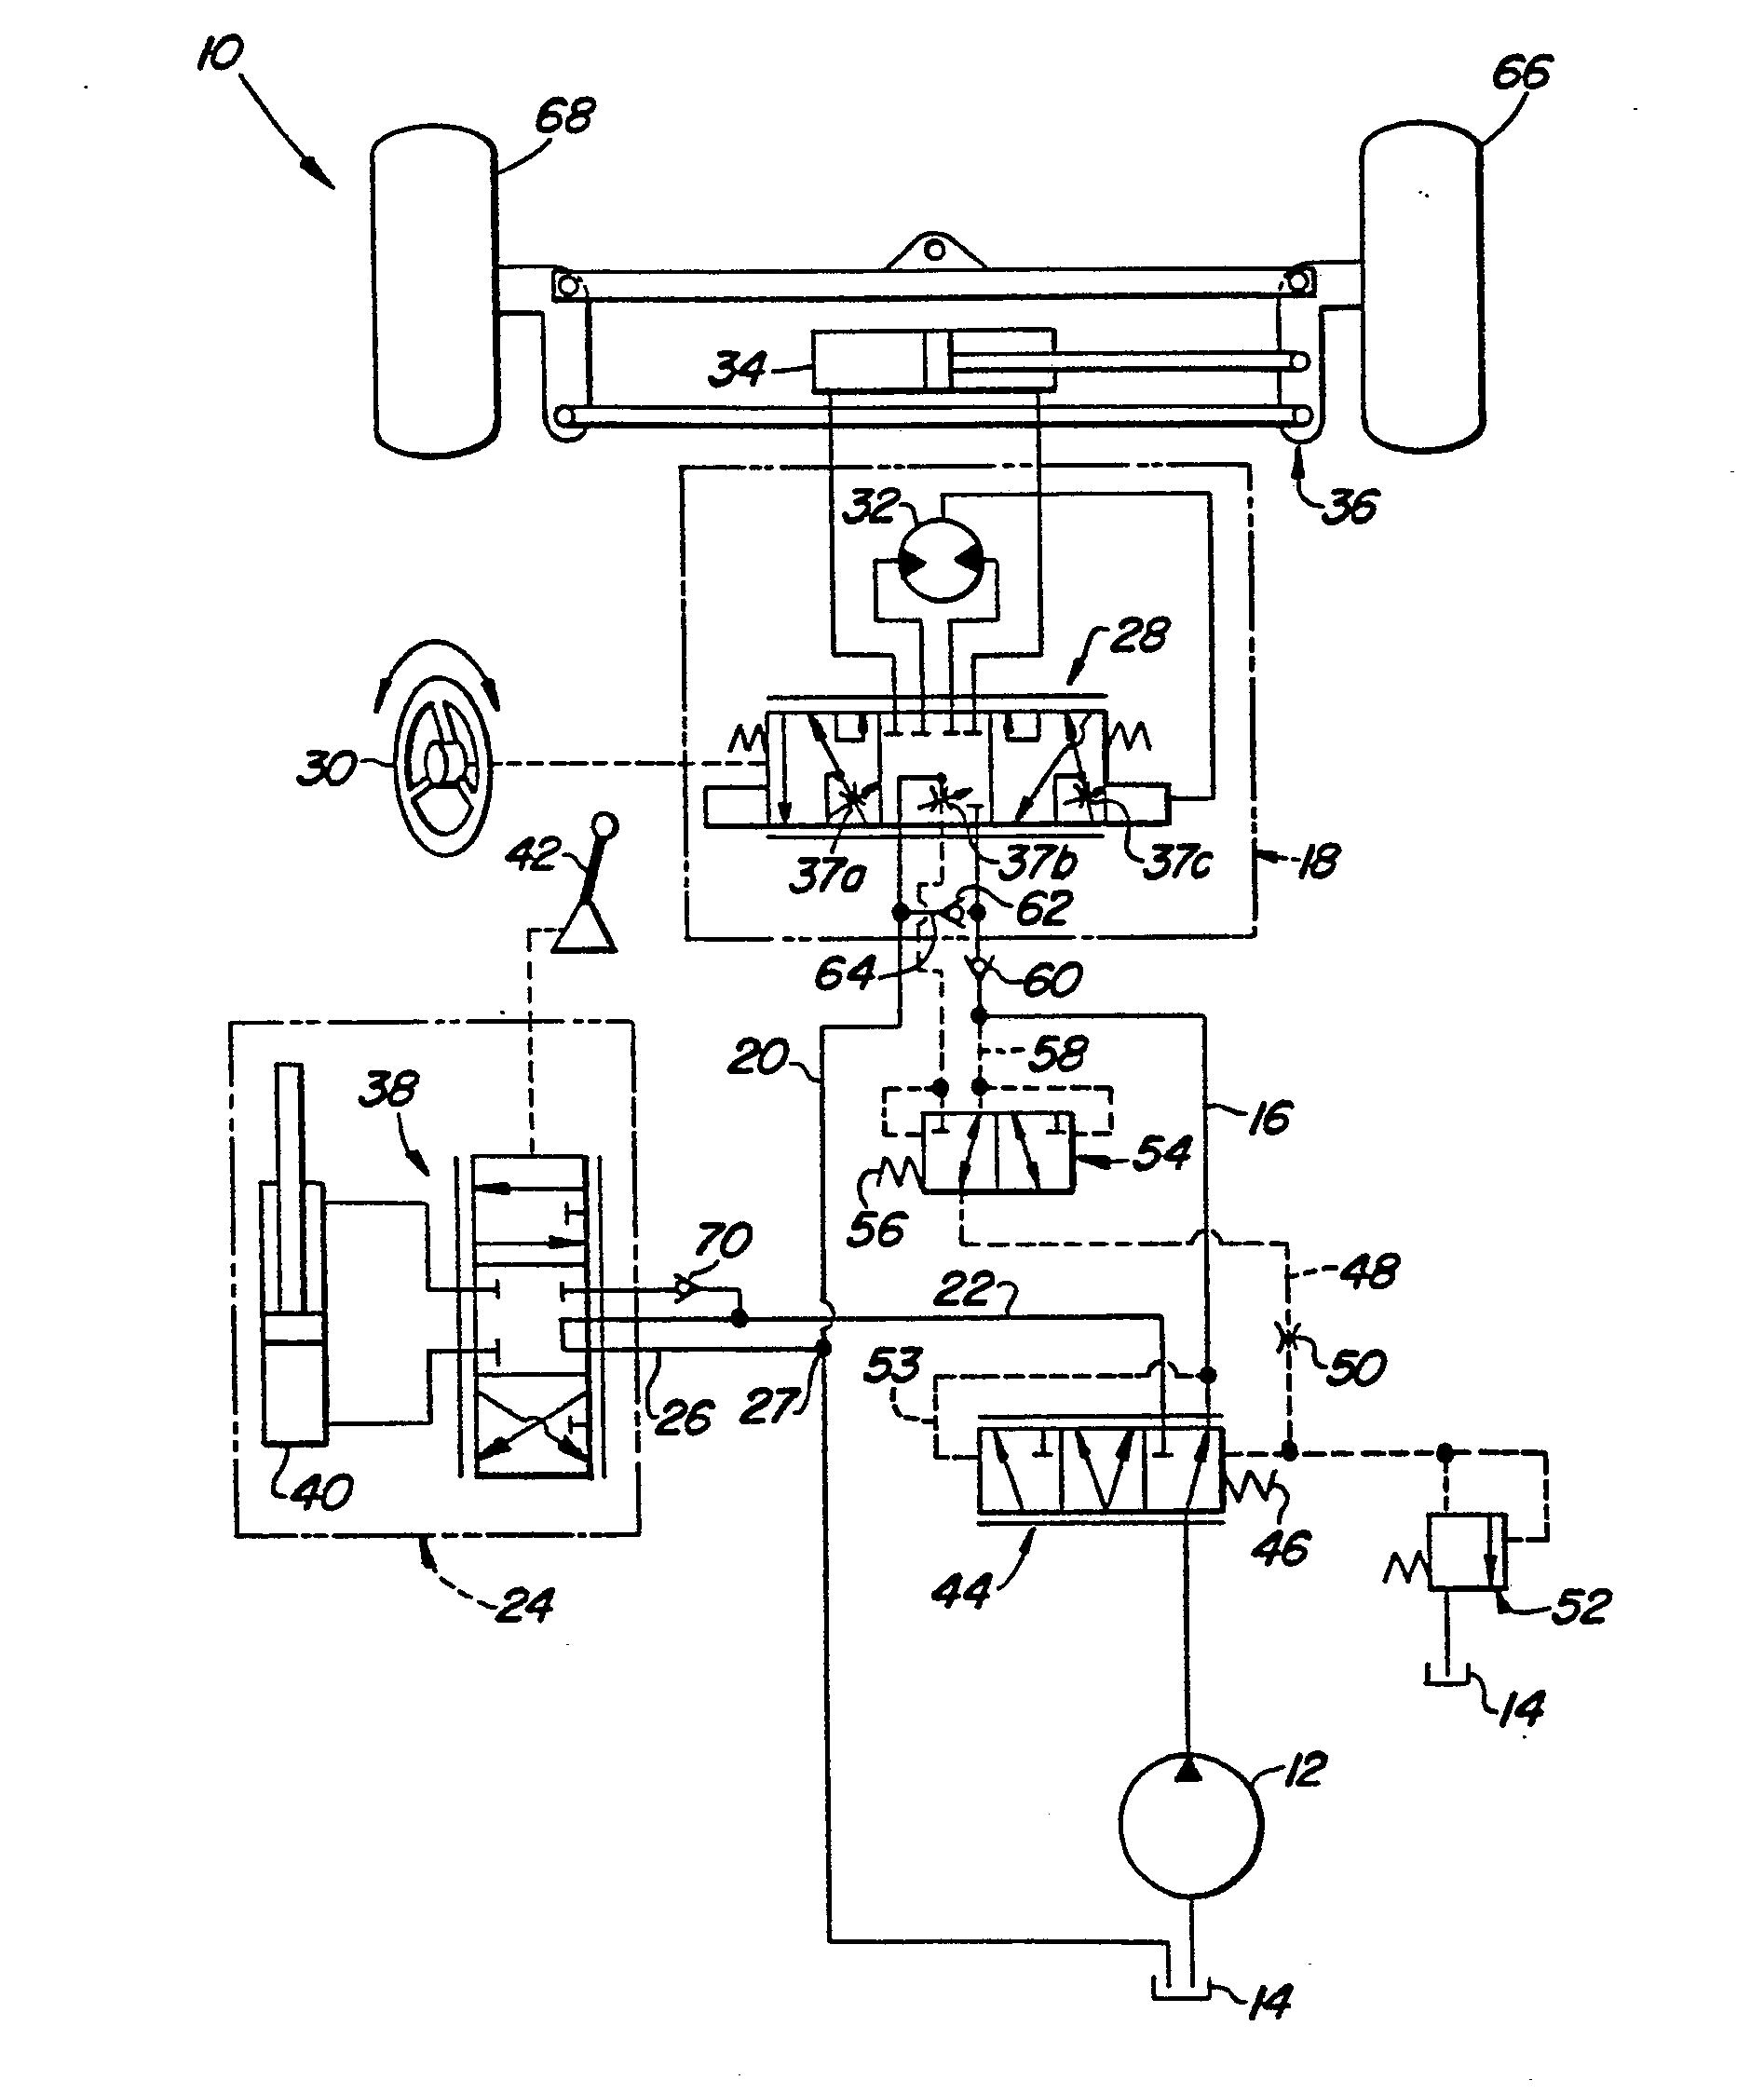 patent ep0137184a2 hydrauliksystem mit einer pumpe mit unver nderlicher f rdermenge google. Black Bedroom Furniture Sets. Home Design Ideas